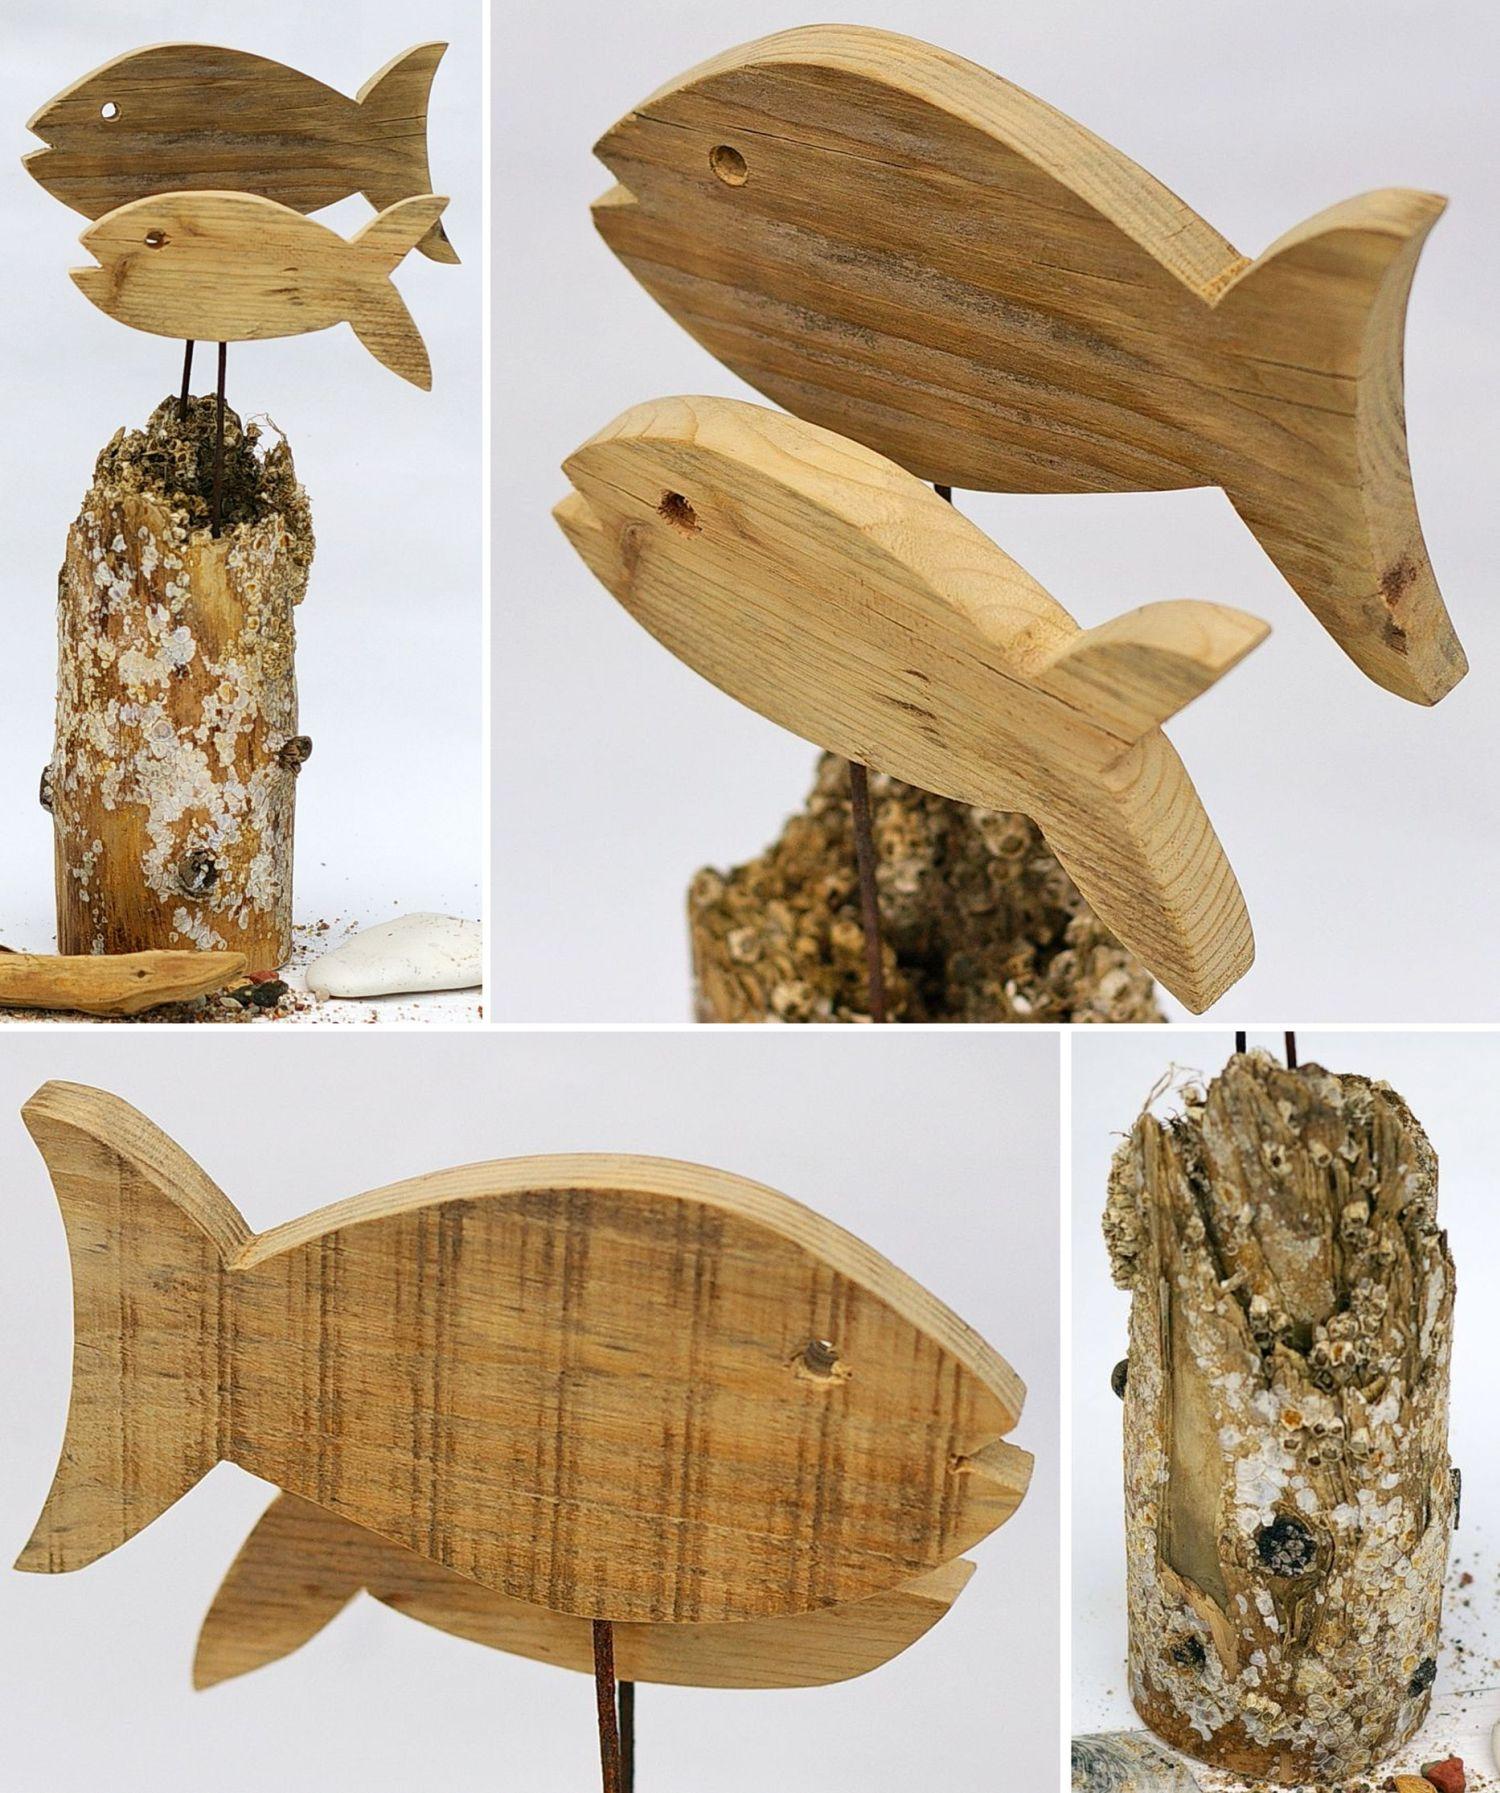 Deko-Objekte für Meerliebhaber, Nachhaltige Wohnaccessoires, Fische  auf Treibholz